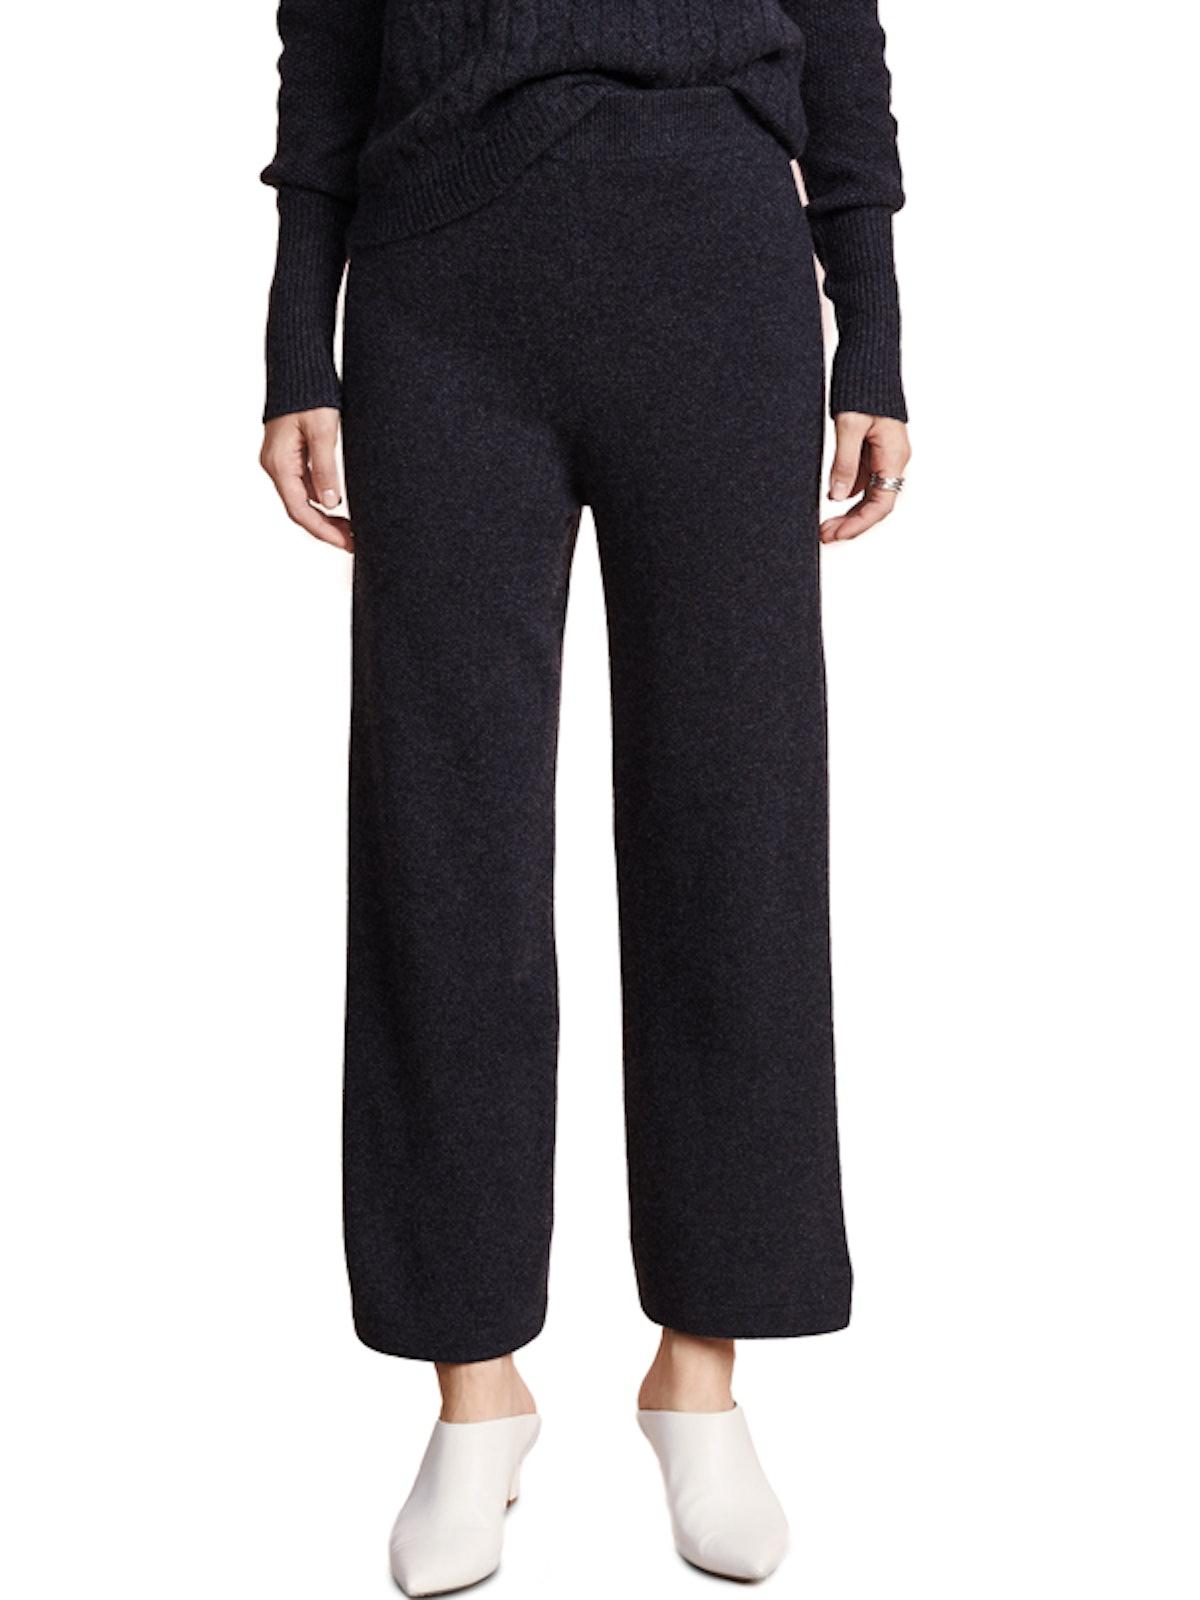 Palette Cashmere Pants